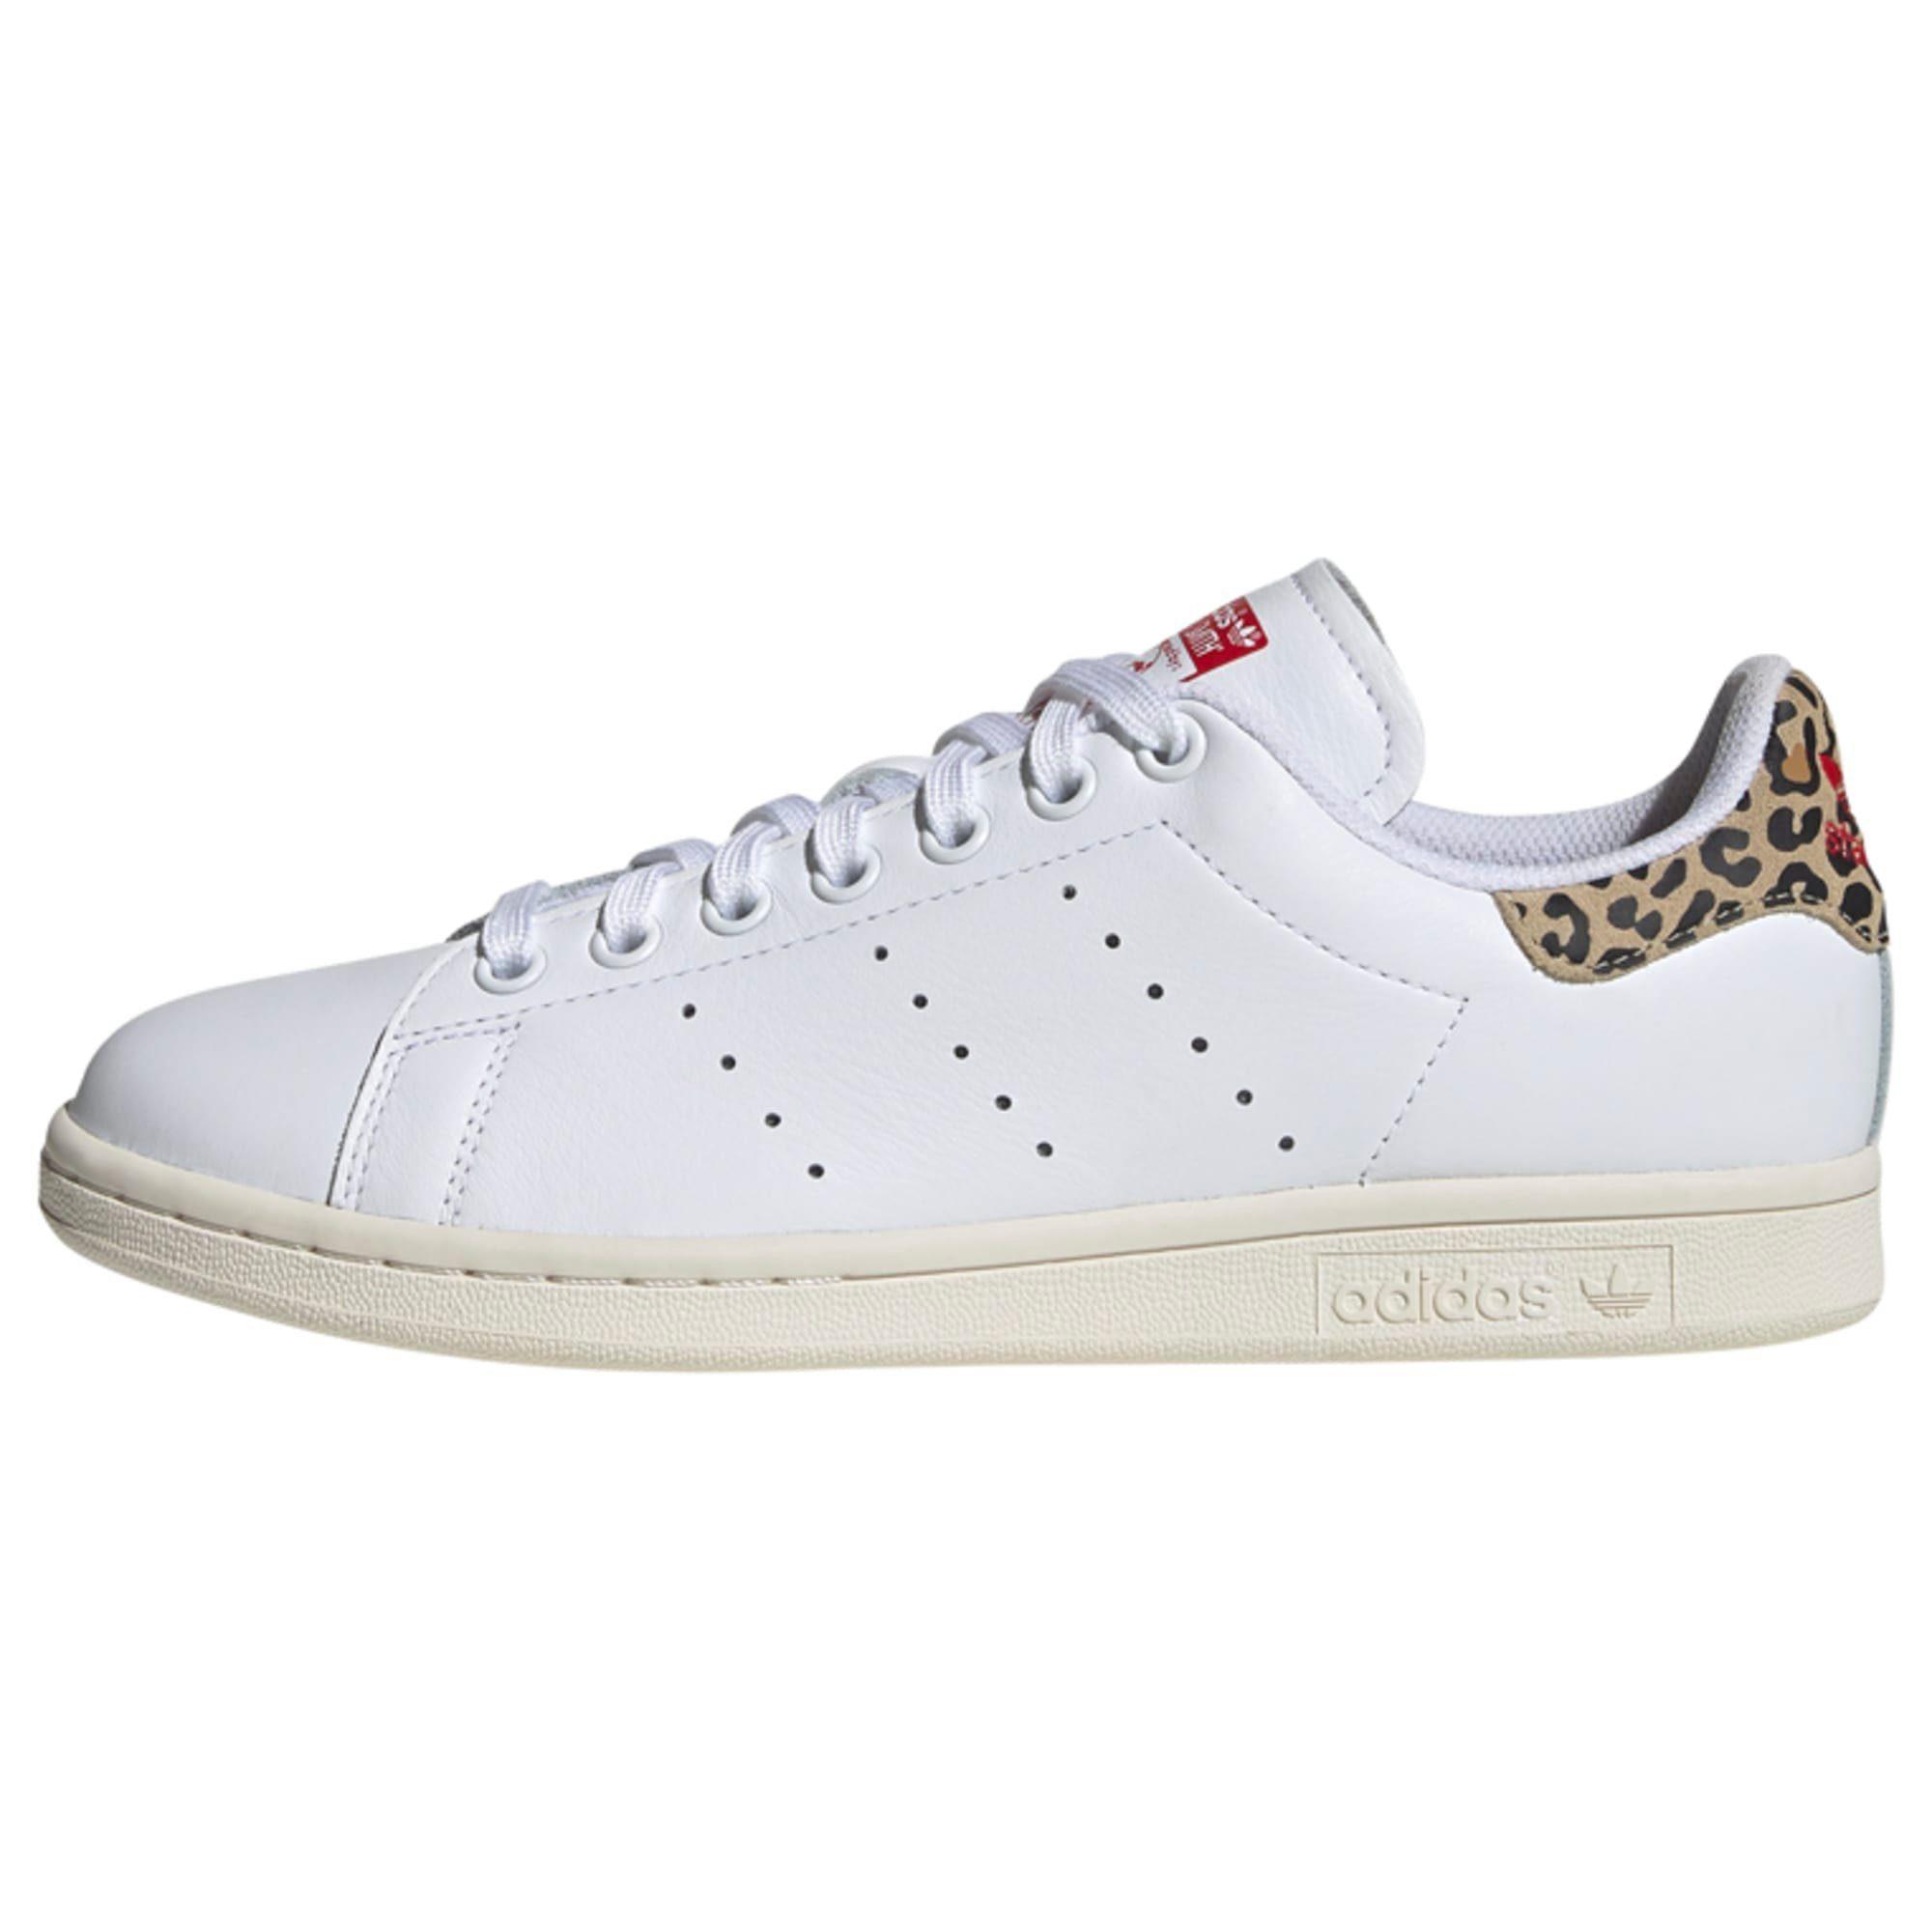 adidas Originals »Stan Smith Schuh« Sneaker Stan Smith online kaufen | OTTO